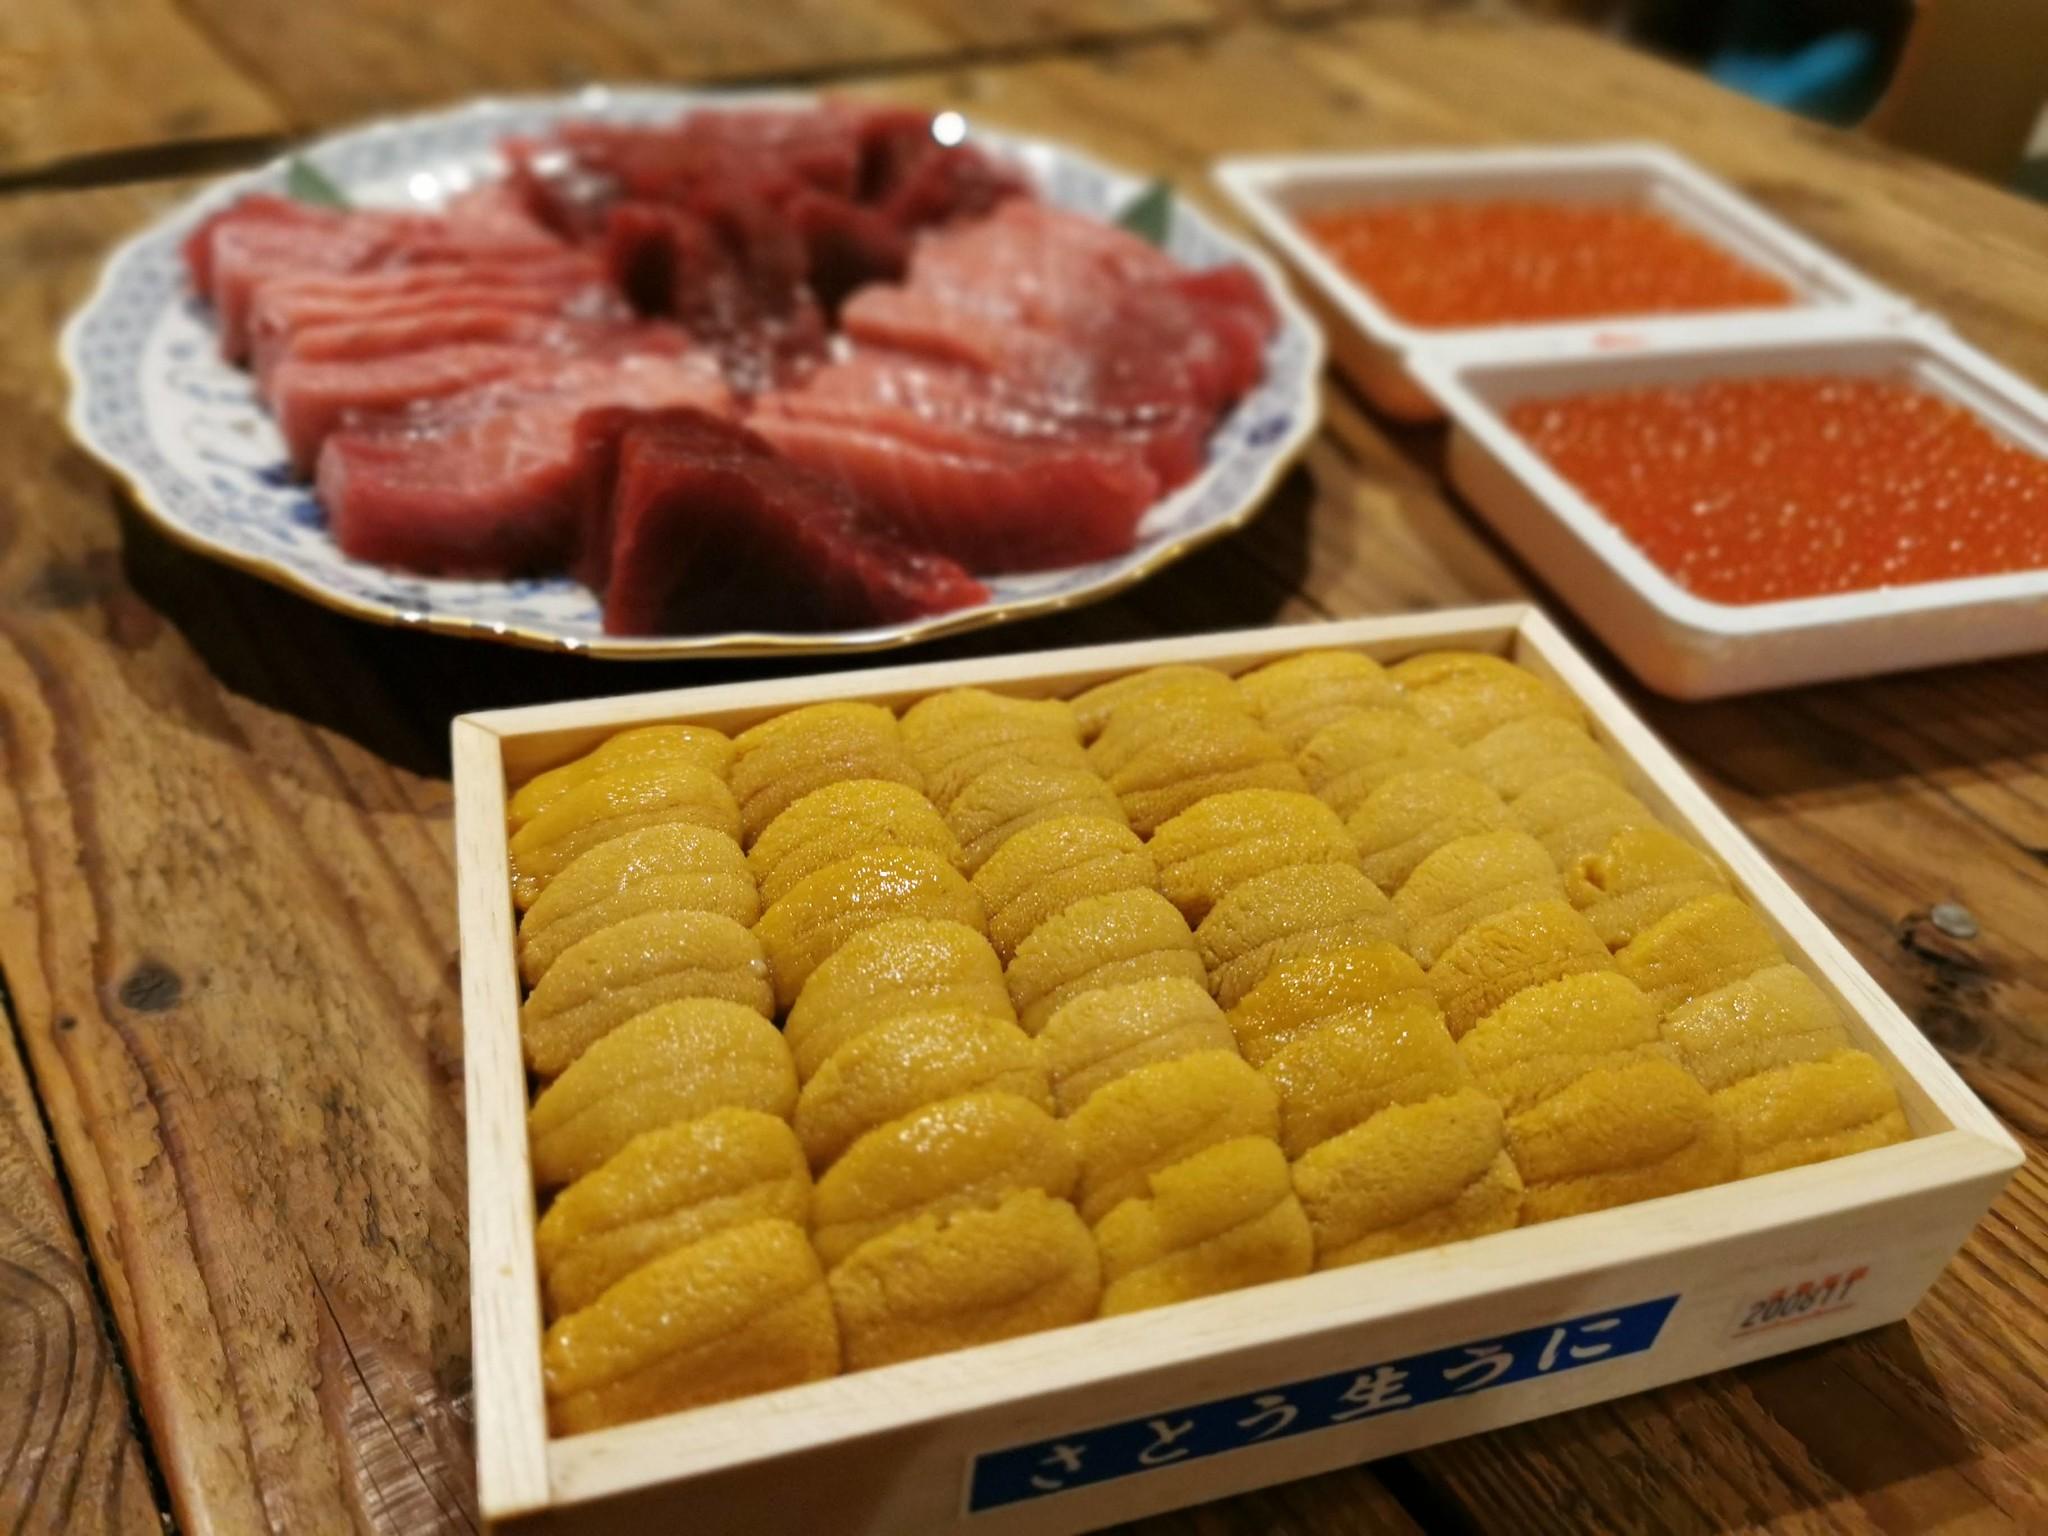 【お取り寄せ】あての極み(堺周商店)@ウニ・いくら・マグロが入った究極の手巻き寿司セットでホームパーティ。